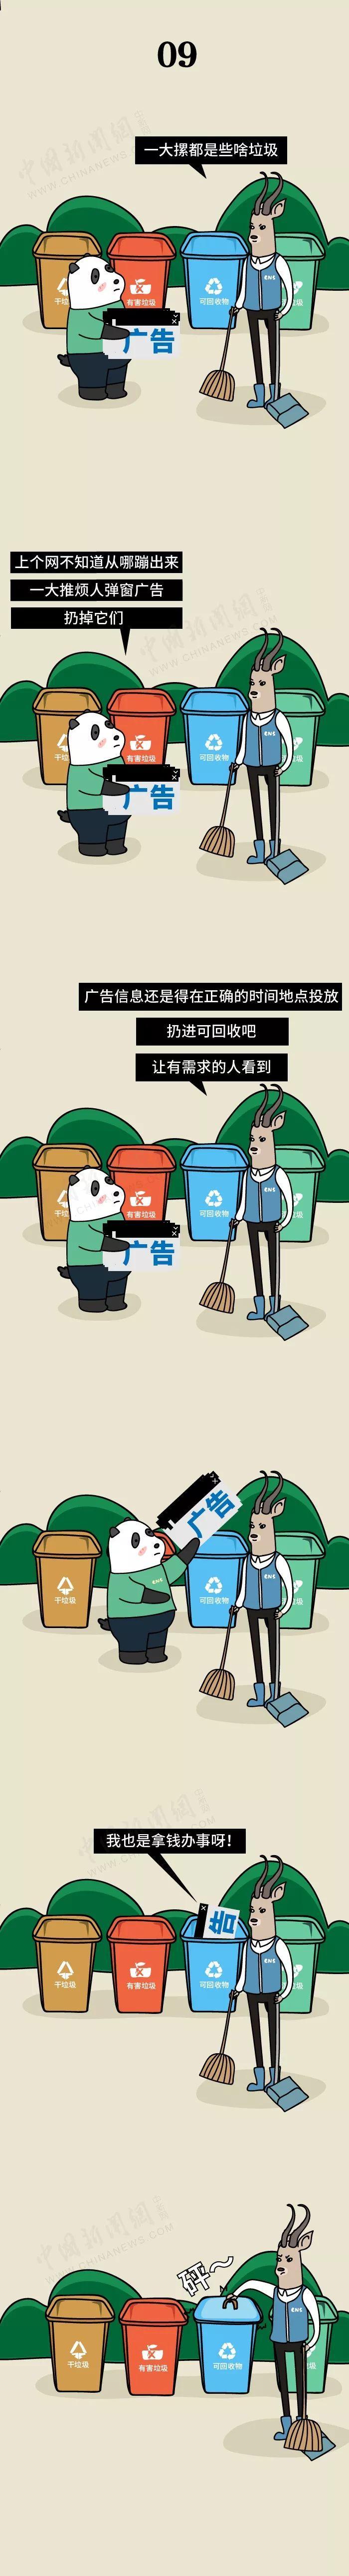 【漫画】你手机里的是干垃圾照旧湿垃圾?该清清了